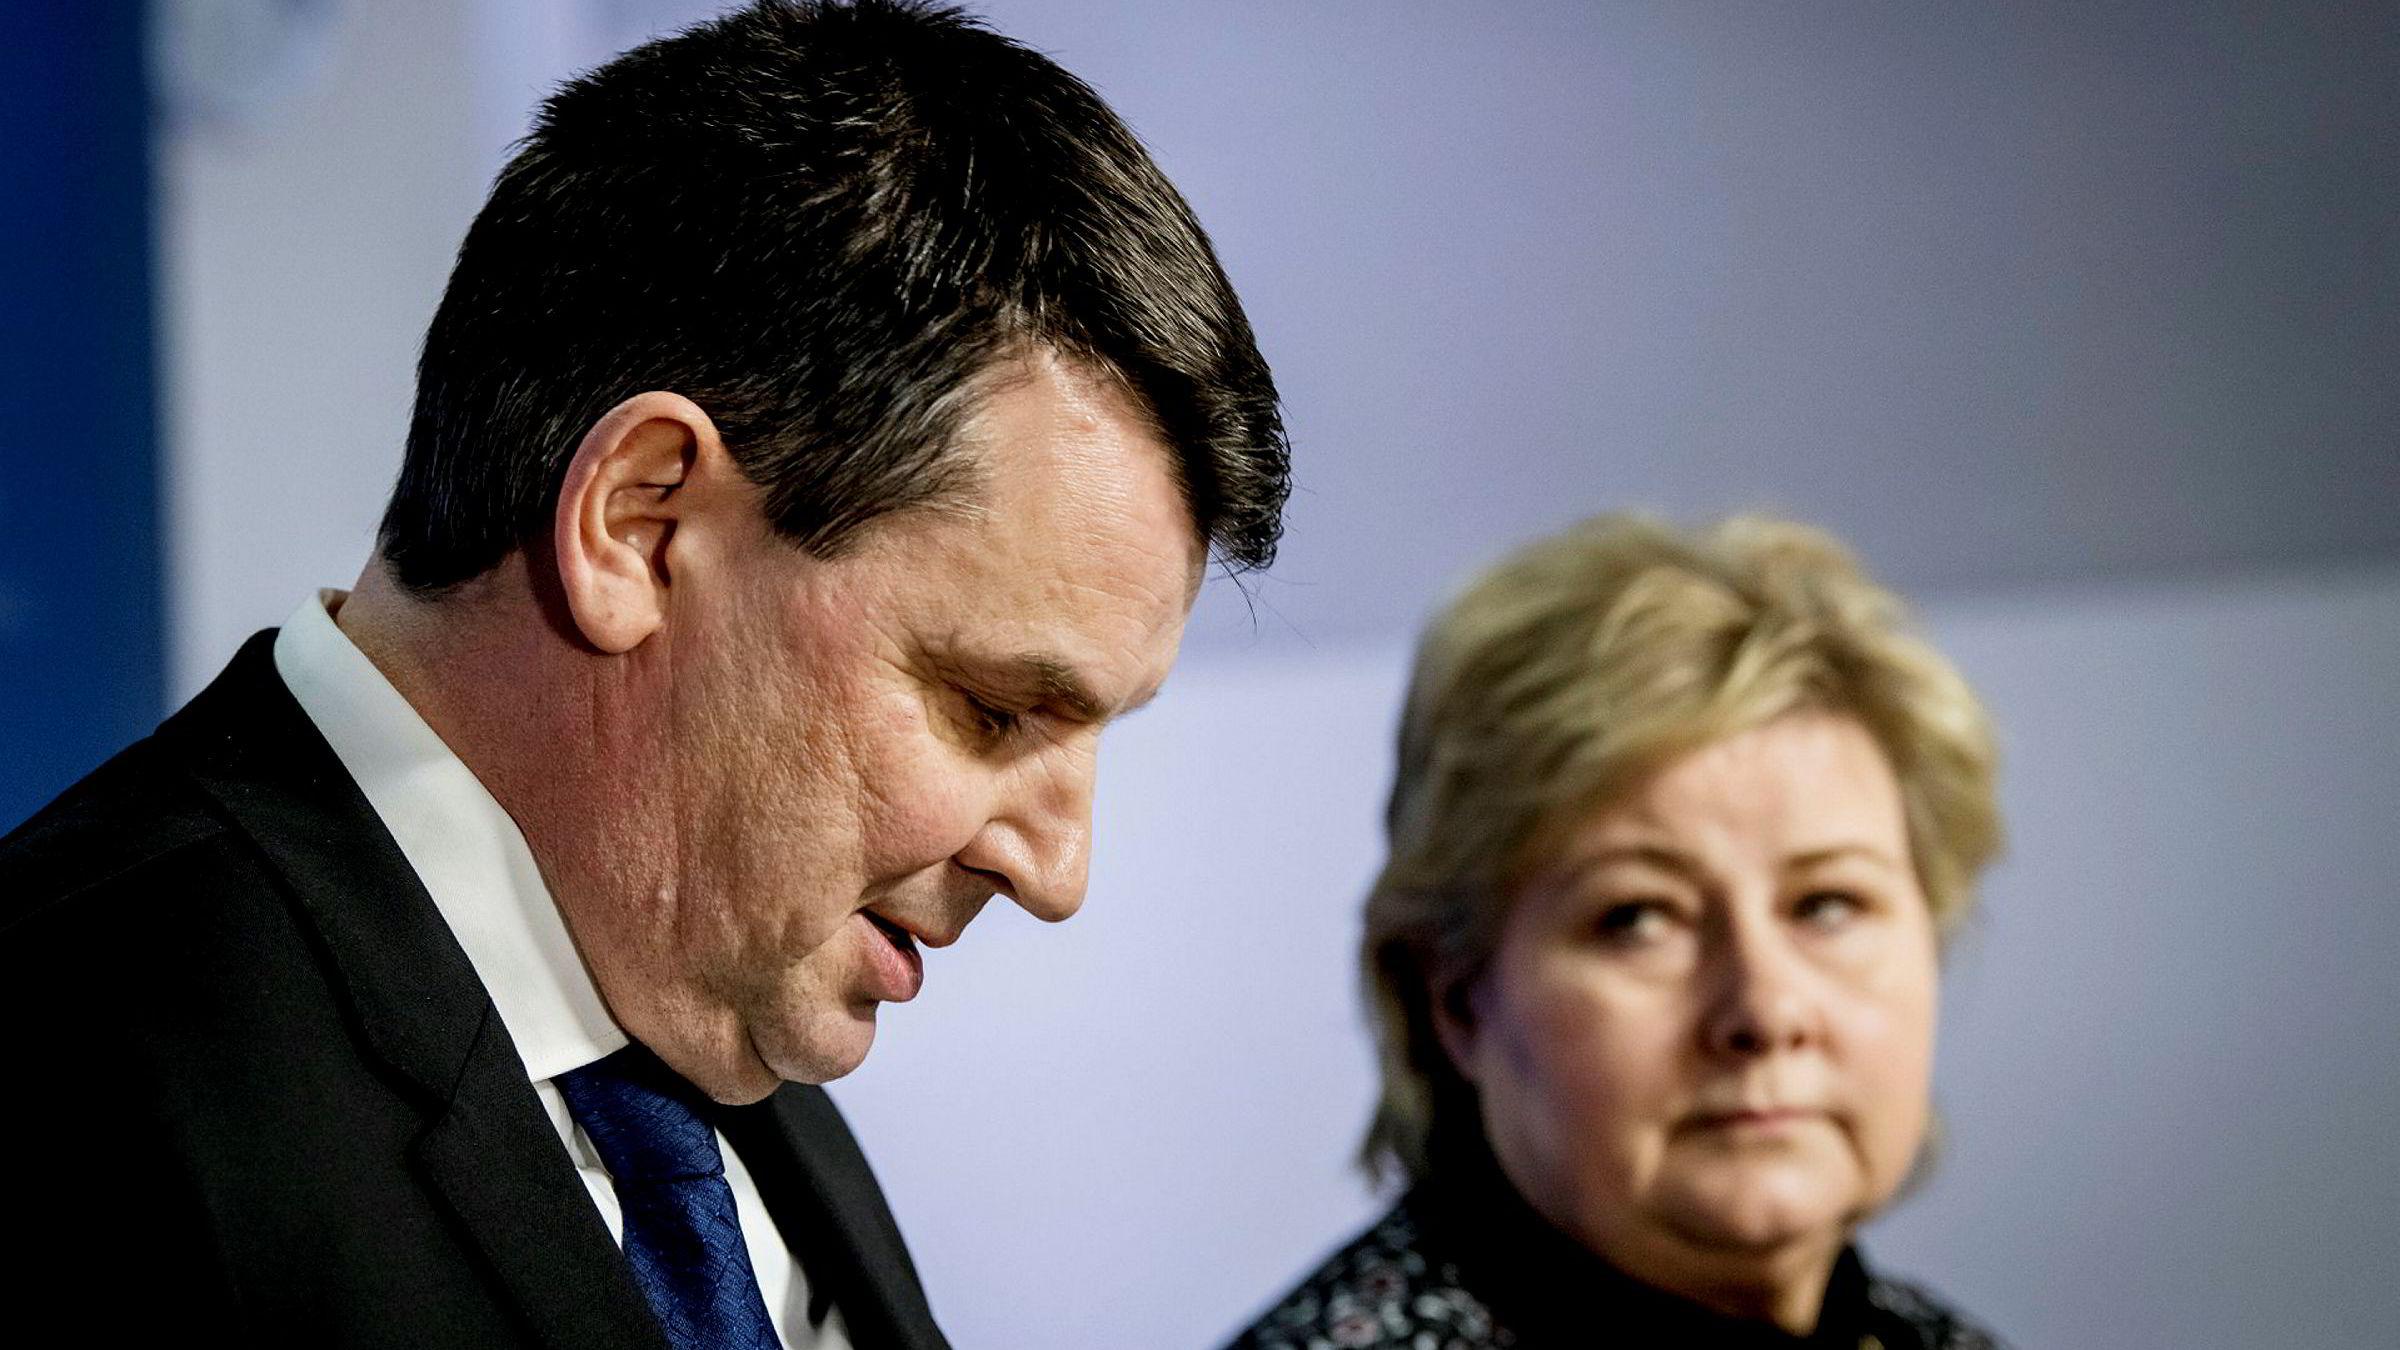 Tor Mikkel Wara under pressekonferansen med statsminister Erna Solberg, der han fortalte pressen at han går av som justisminister.